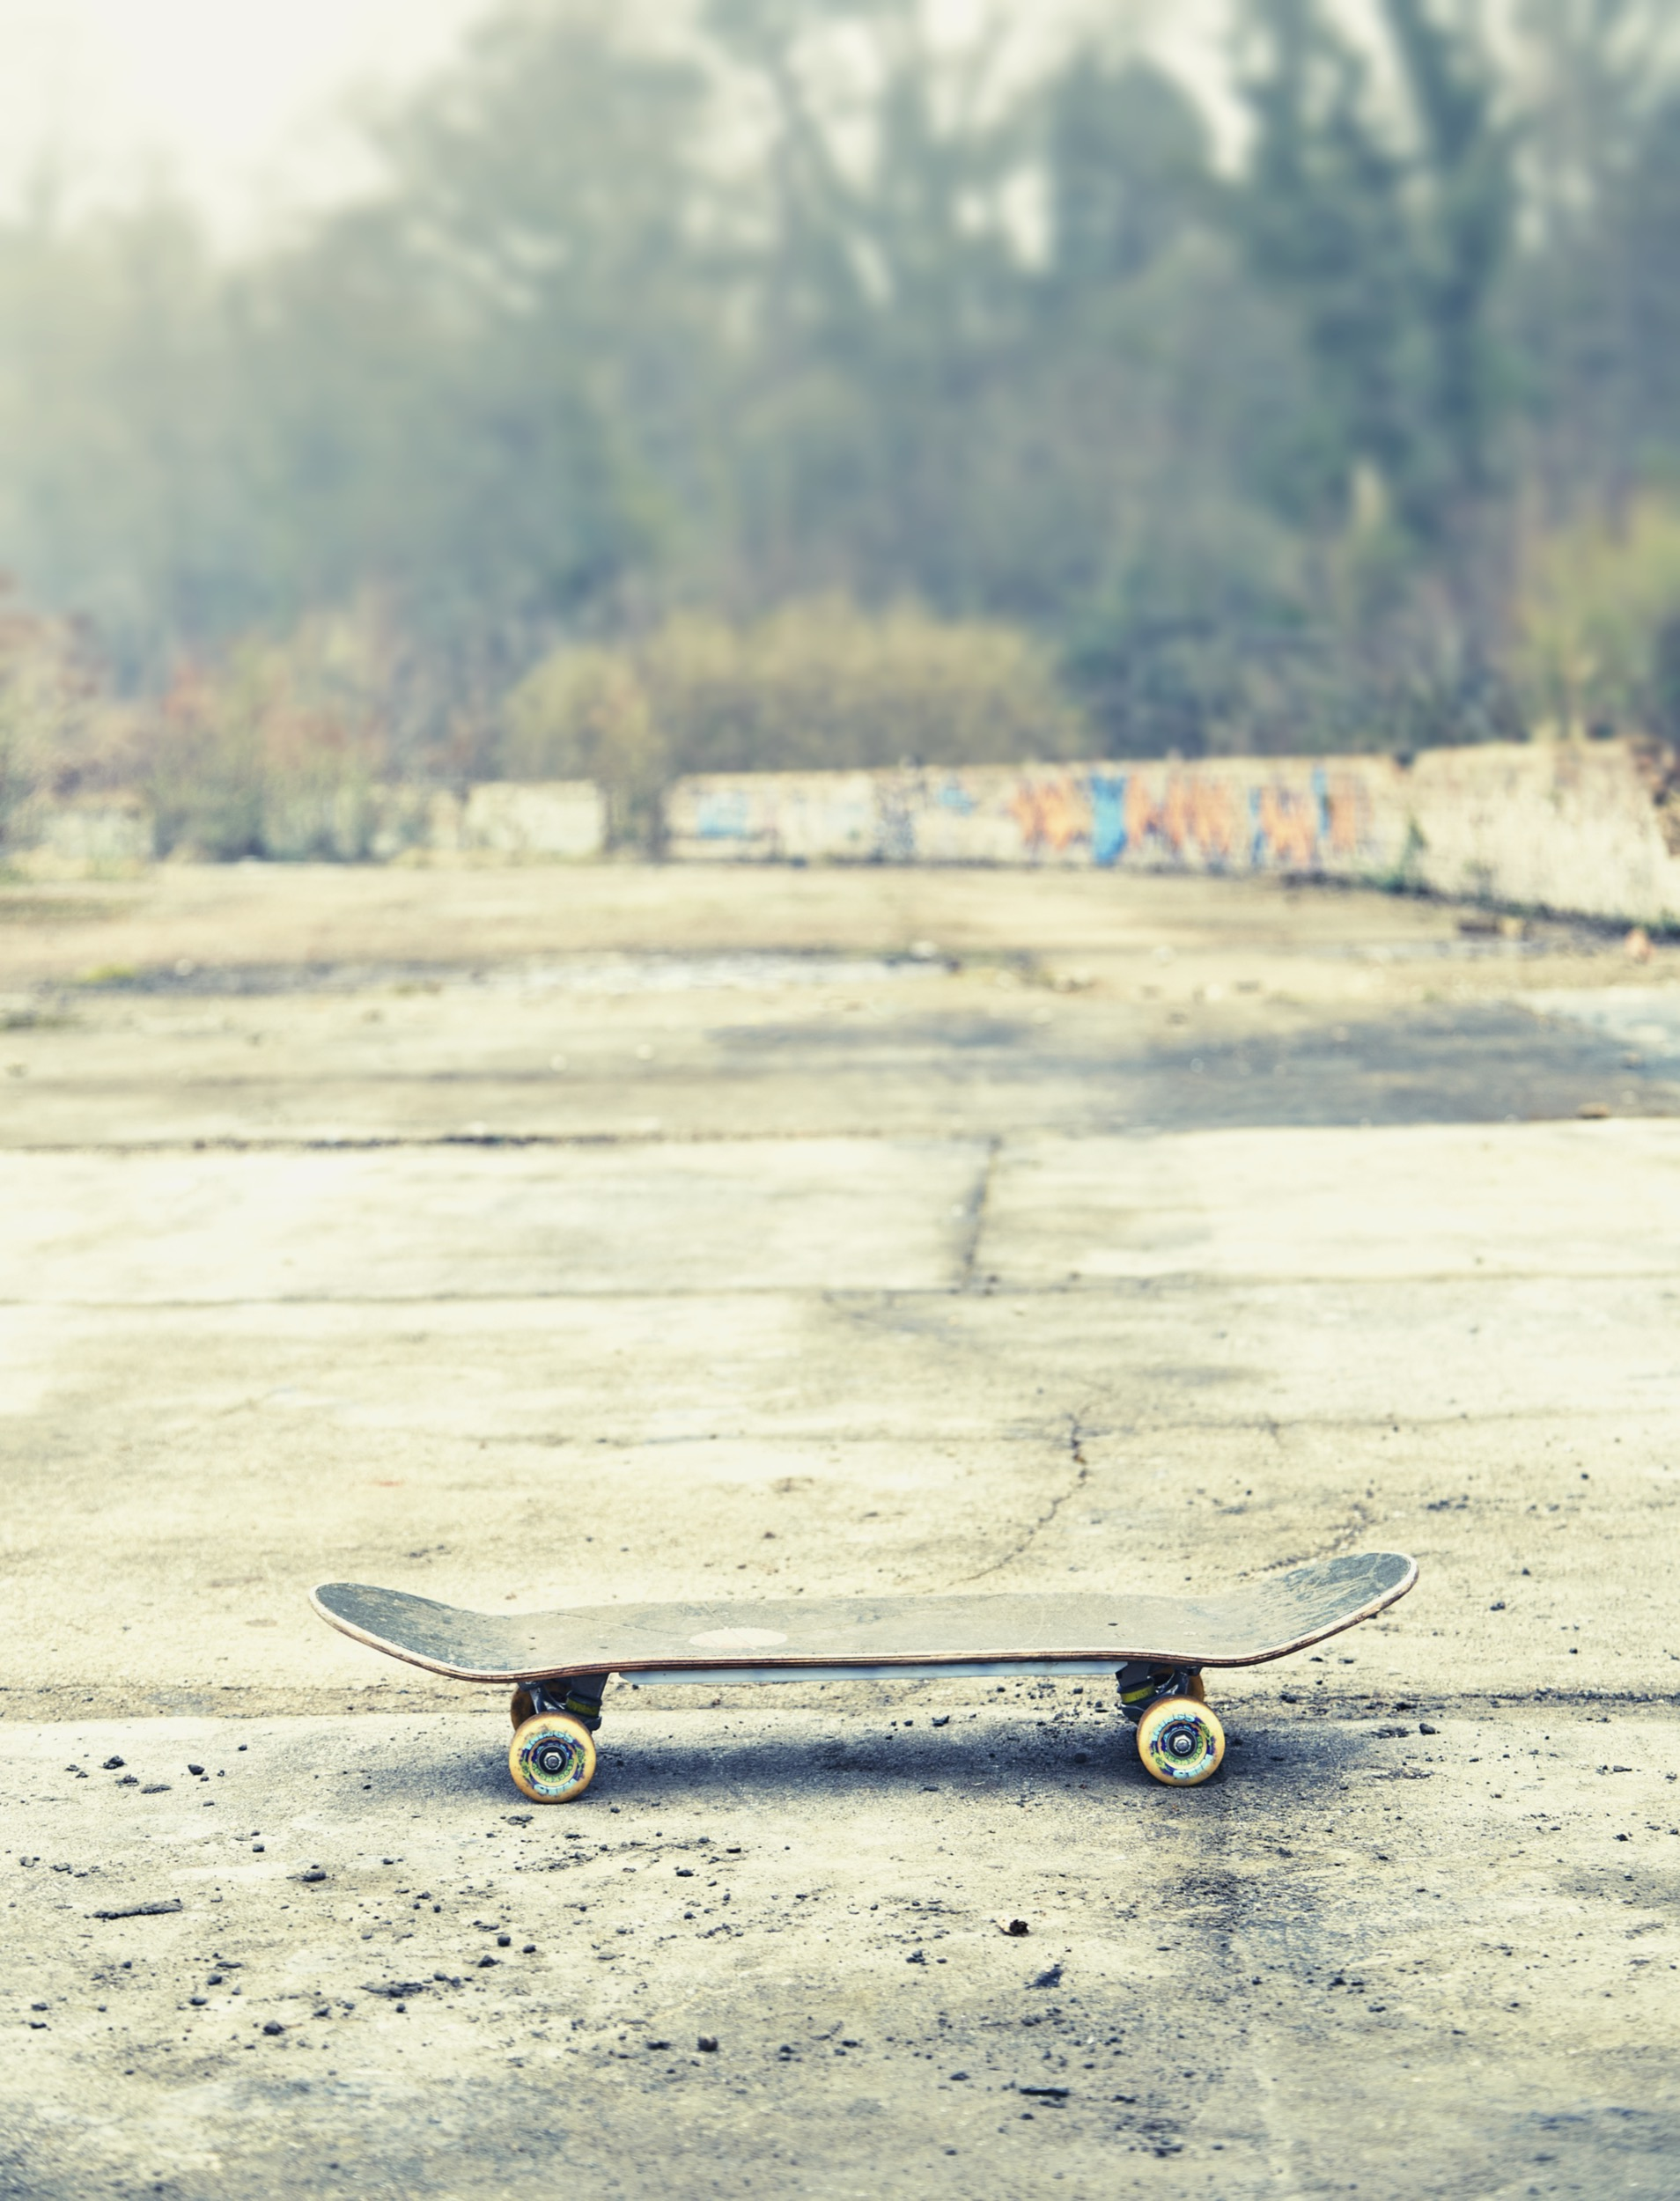 DIY skateparks